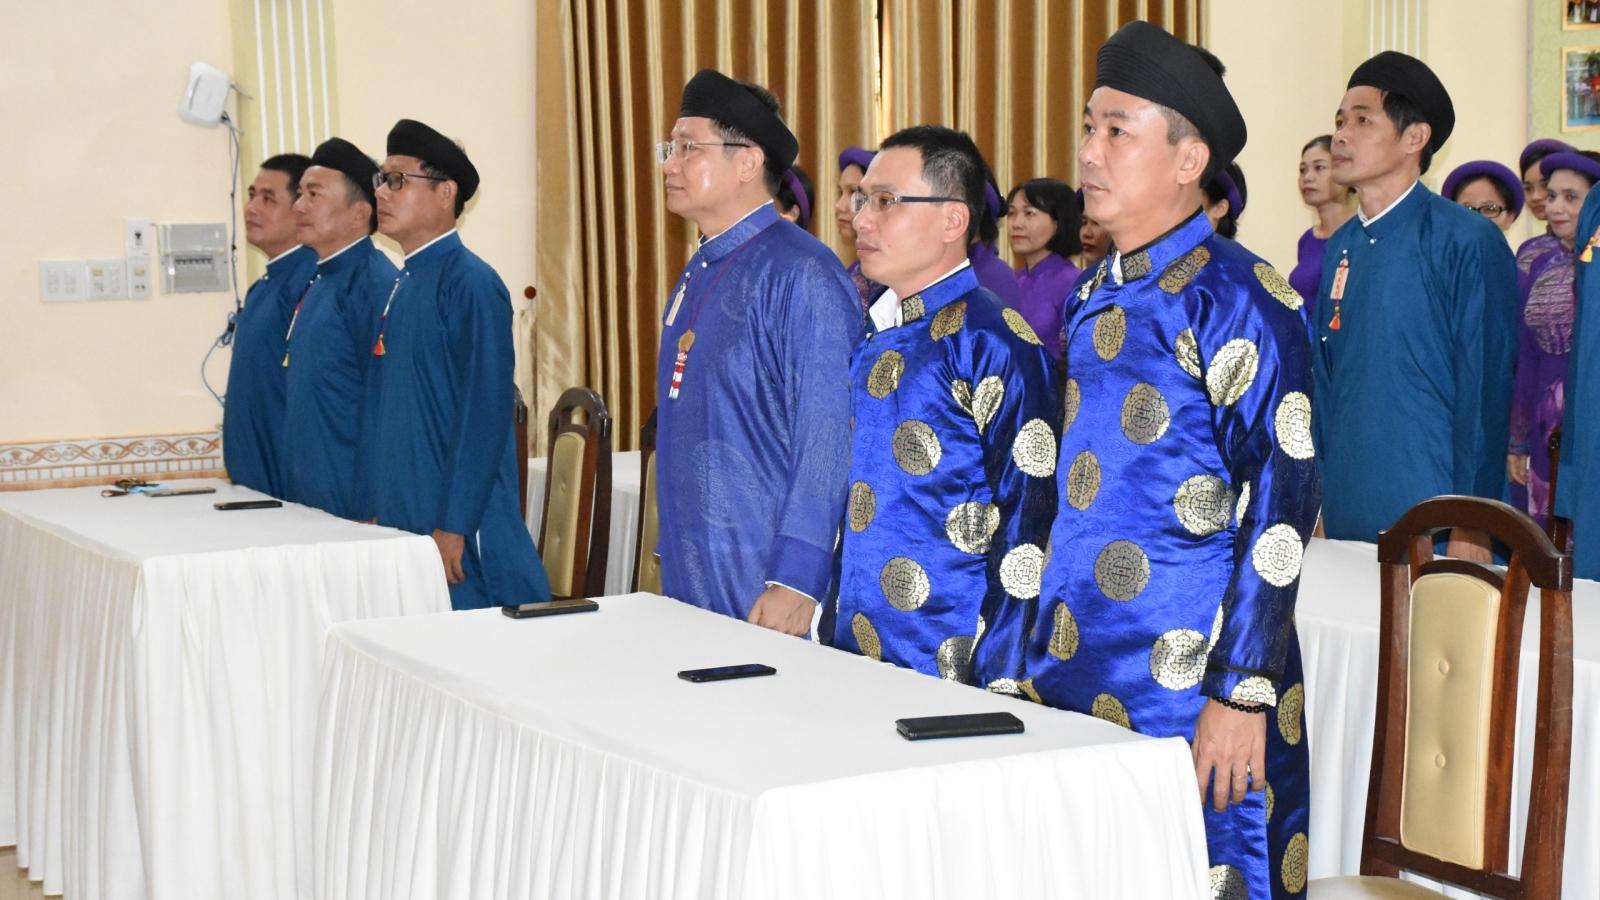 Cán bộ Sở Văn hóa và Thể thao tỉnh Thừa Thiên Huế mặc áo dài chào cờ đầu tuần